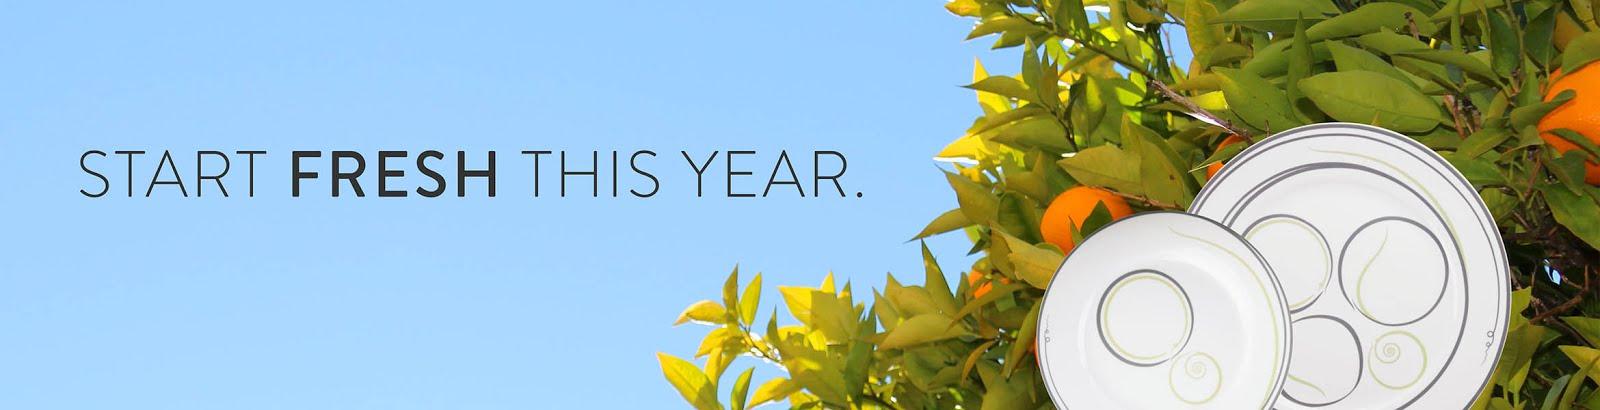 Livliga | Start fresh this year.